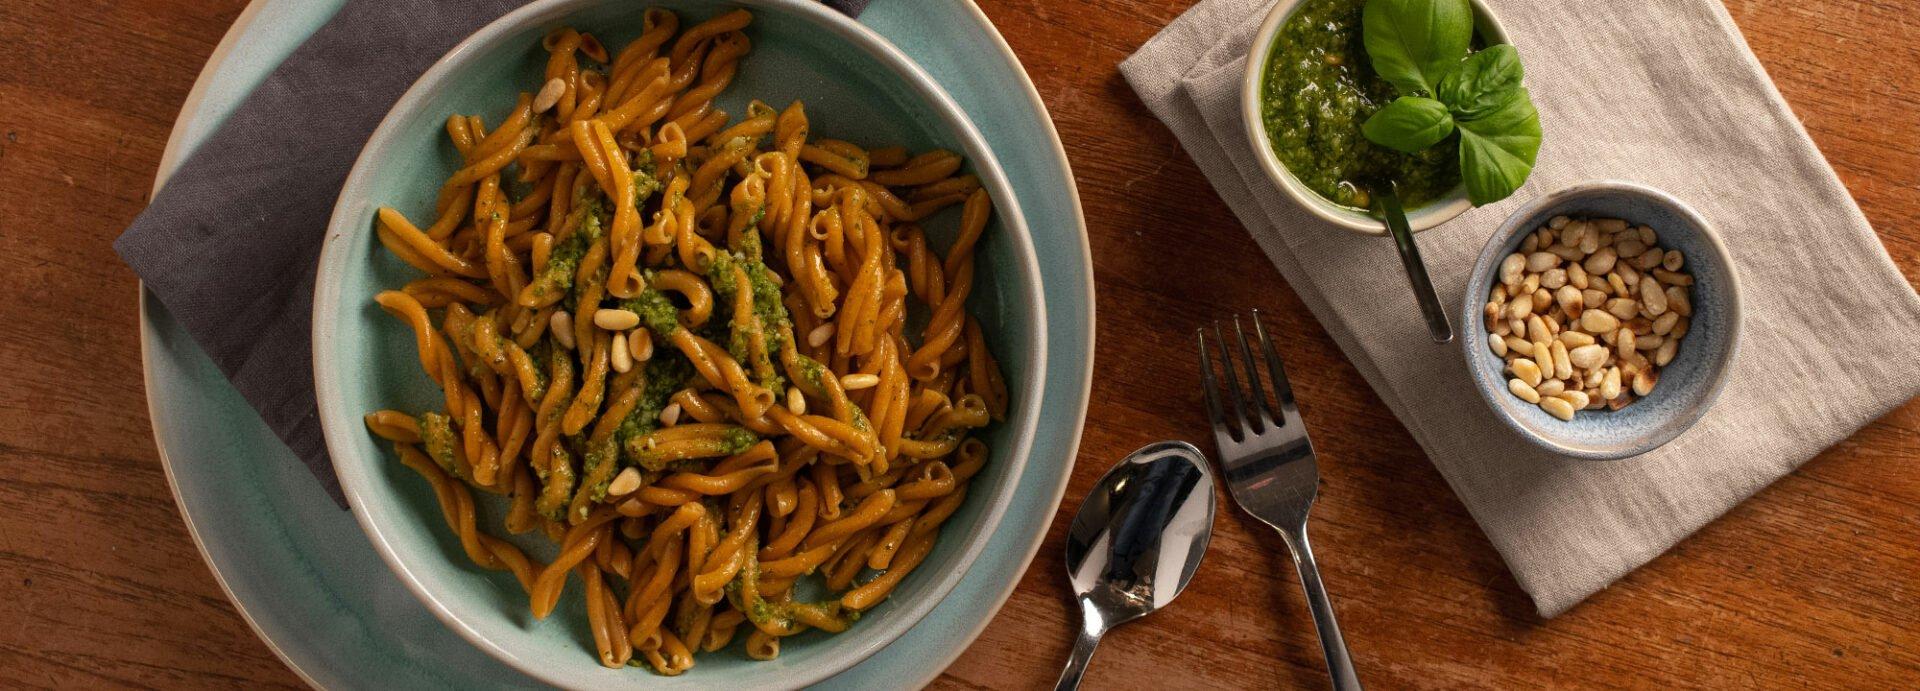 Das Nudelholz: Pasta selbst machen mit dem richtigen Pasta-Werkzeug.